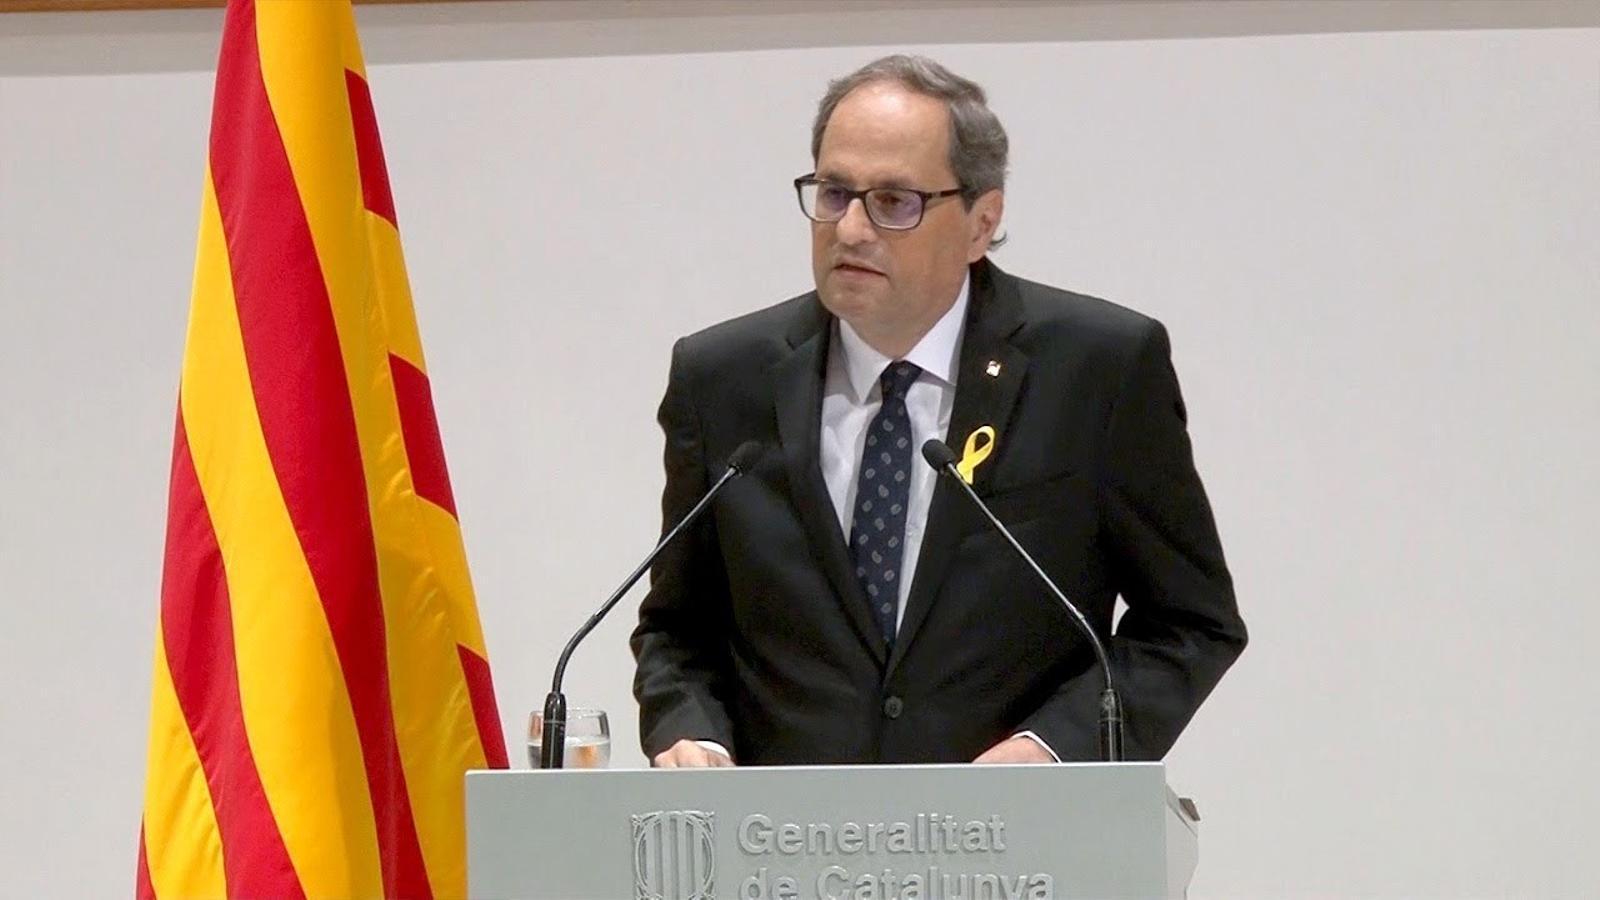 Declaració institucional del president de la Generalitat, Quim Torra